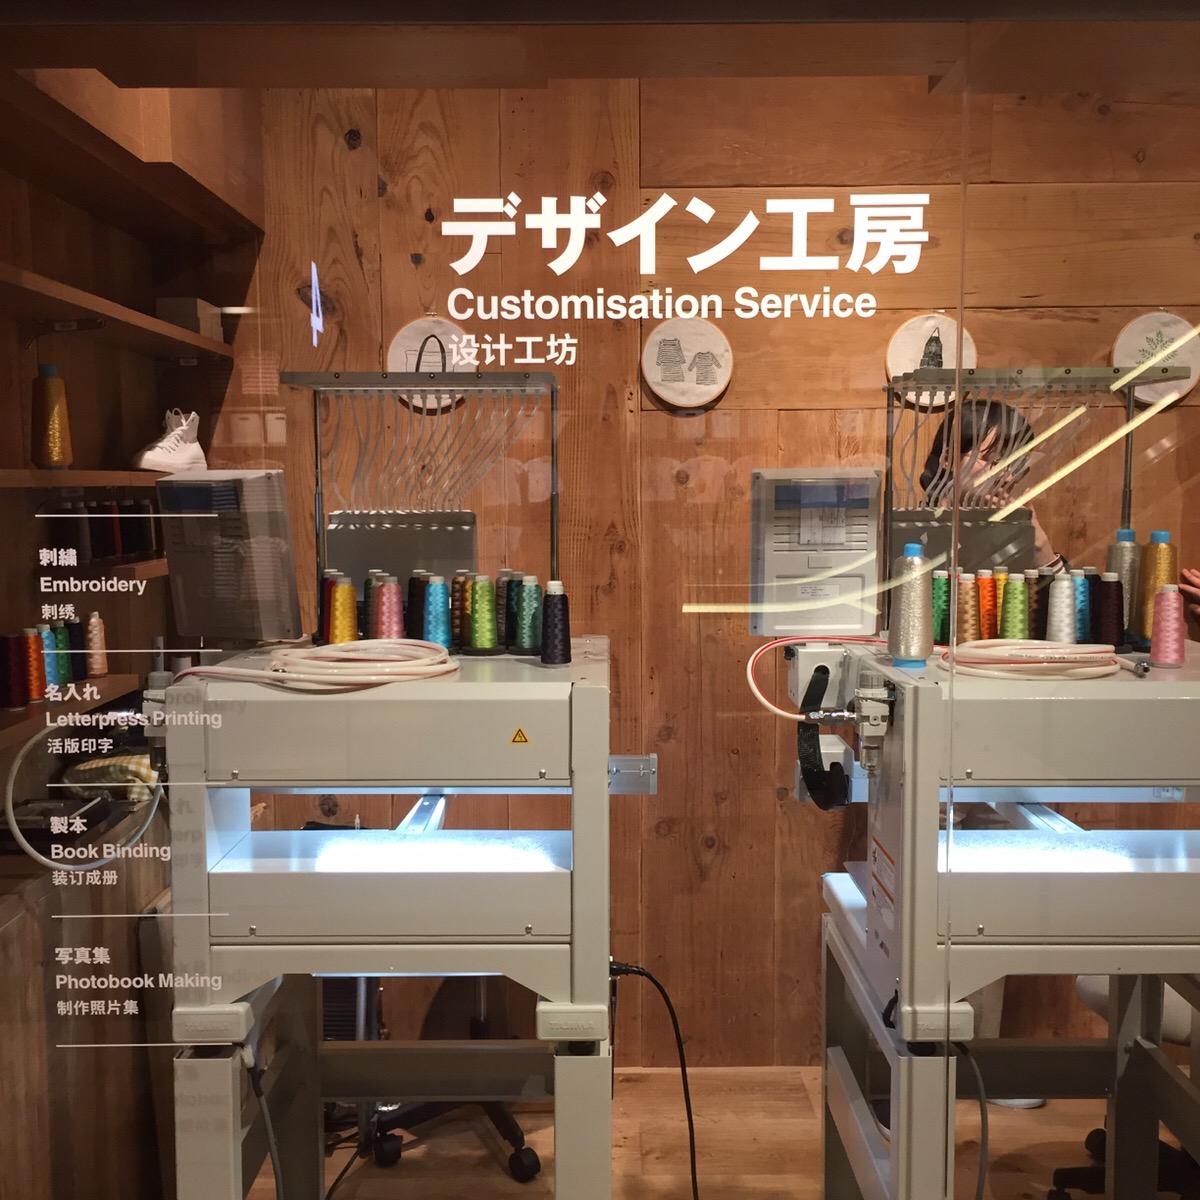 無印良品で購入した布製品に200種類以上のマークや各種文字の中から選んで刺繍してもらうことで世界で一つだけのマイオリジナルを作ることができる「デザイン工房」。名入れや製本などのサービスも。